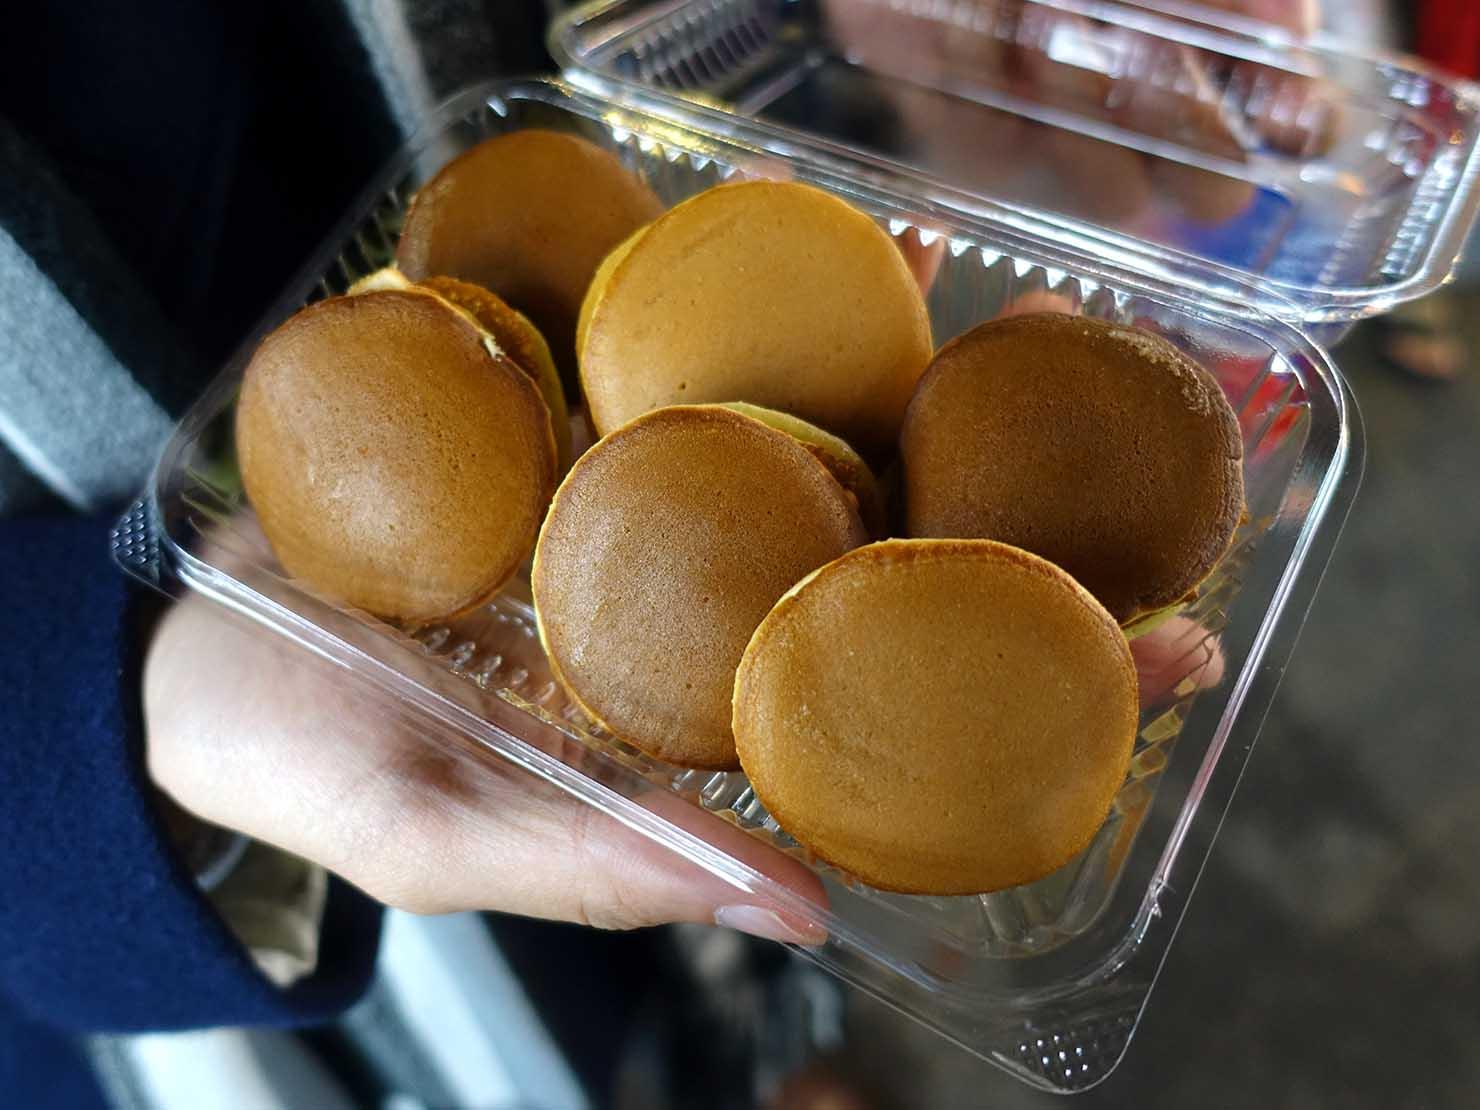 台湾の夜市で食べられる日本グルメ「銅鑼燒(どら焼き)」の6個入りどら焼き